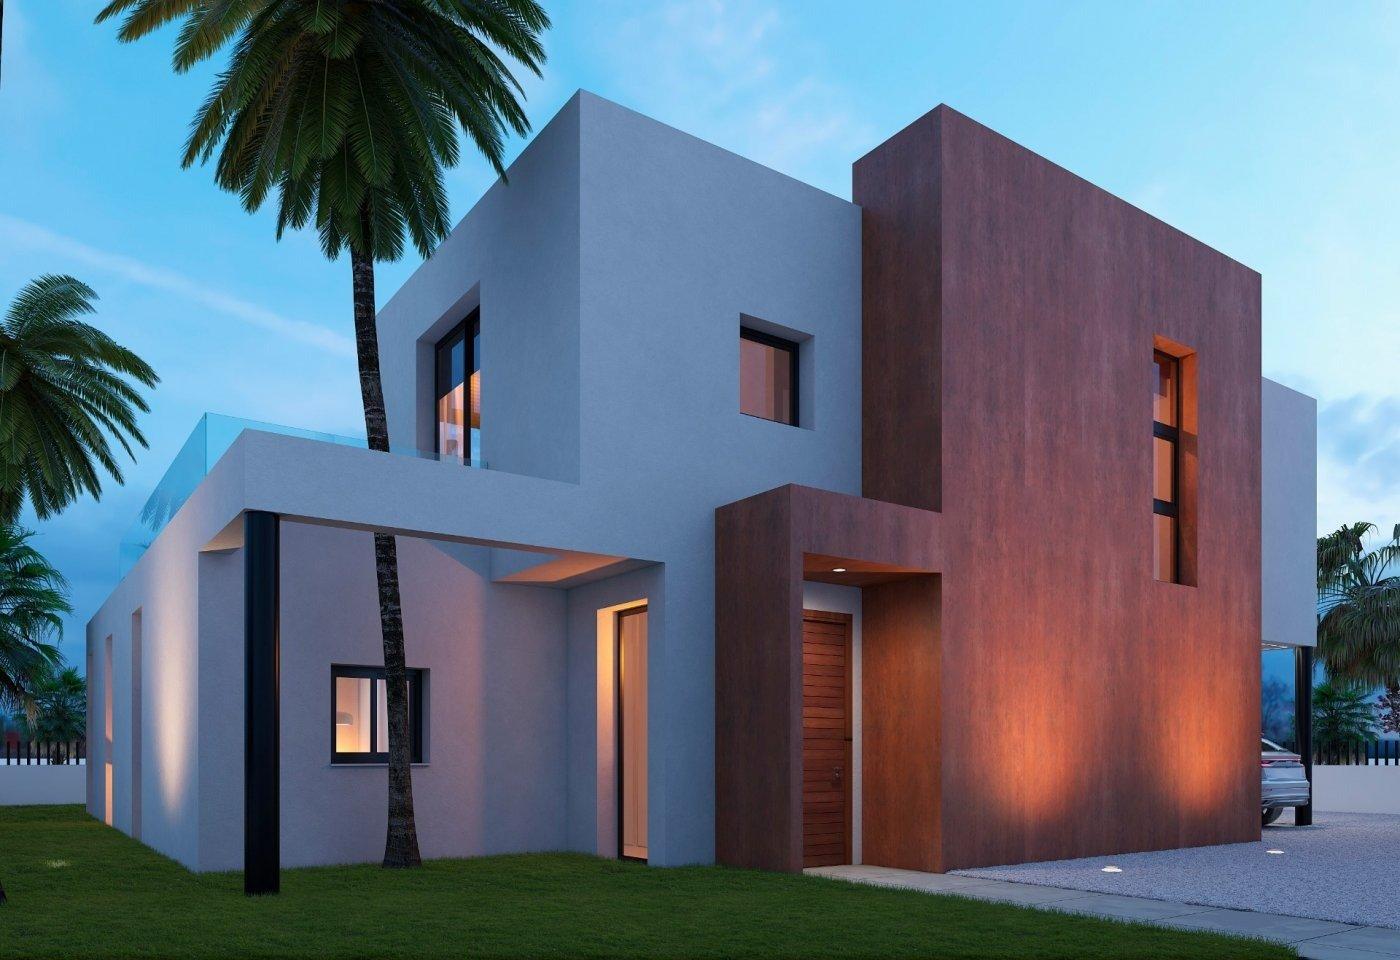 Villa moderna de nueva construcción en calpe a 600 m de la playa - imagenInmueble2